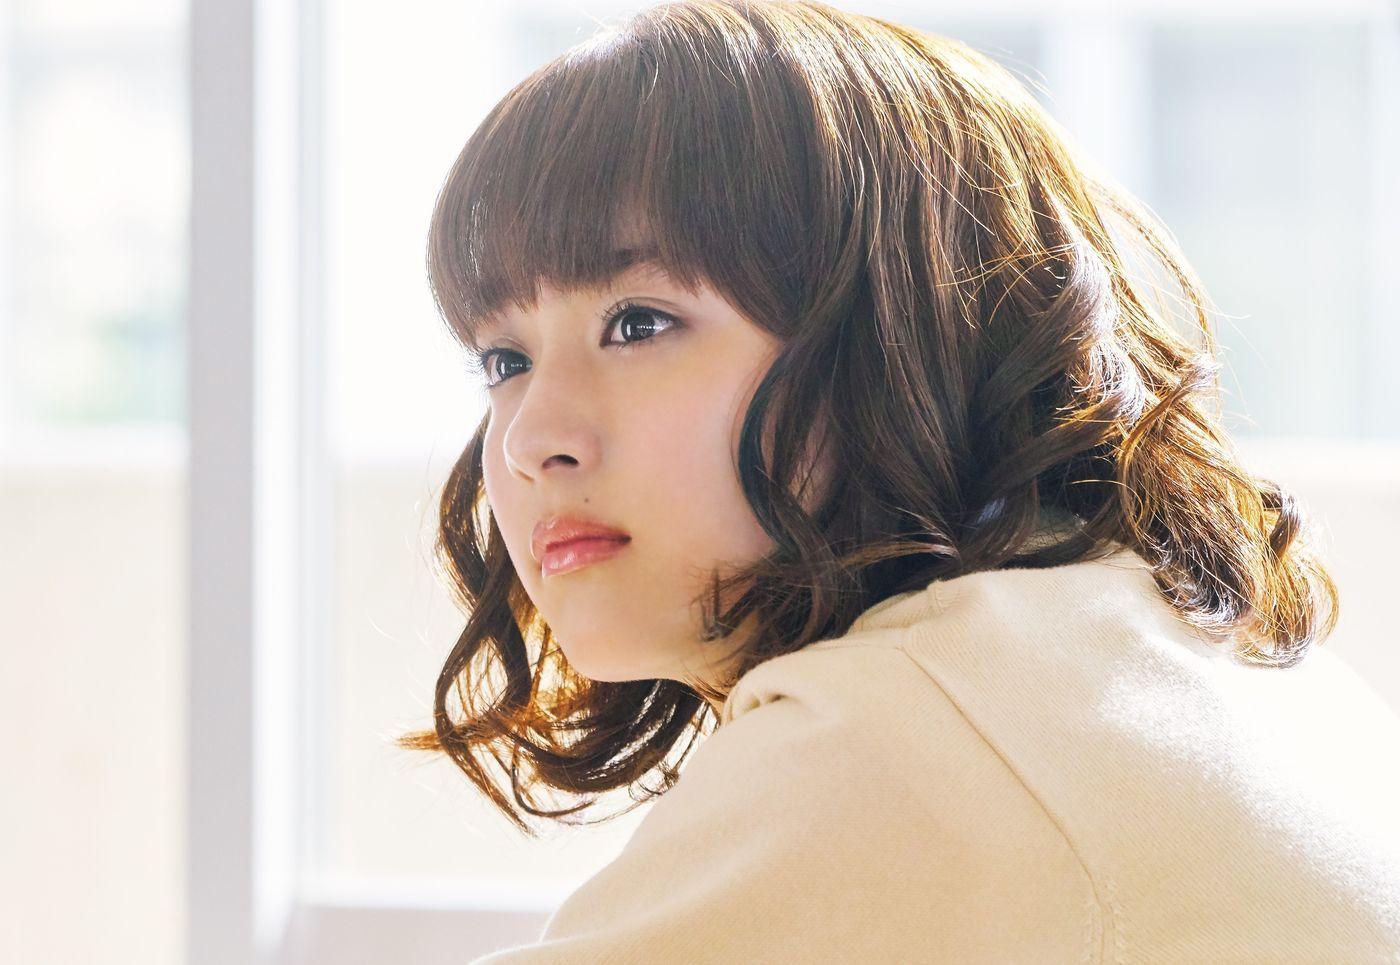 天使の可愛さの秘密を直撃♡平祐奈さんインタビューの3枚目の画像